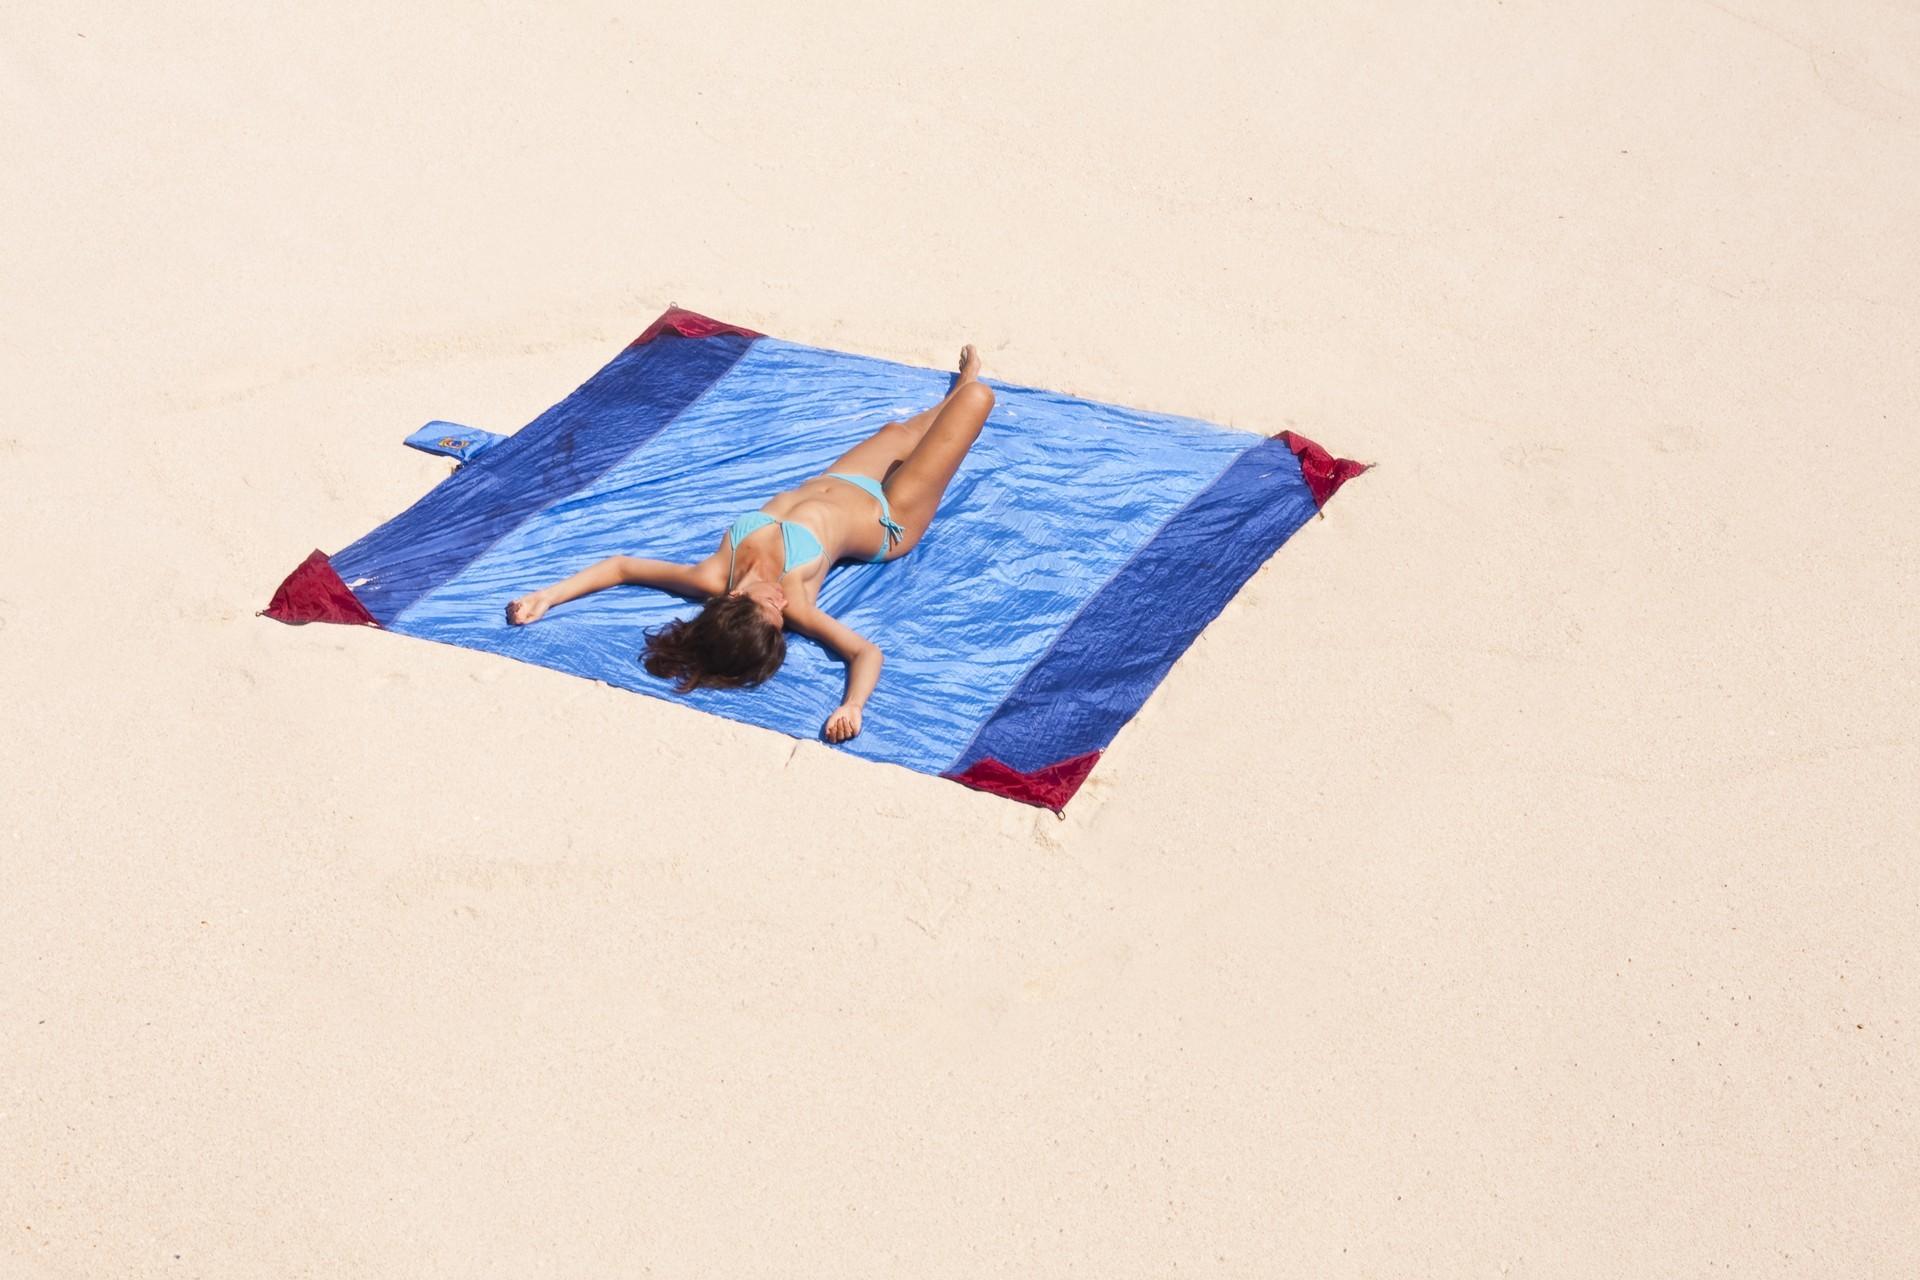 Девушка заснула на пляжном покрывале.